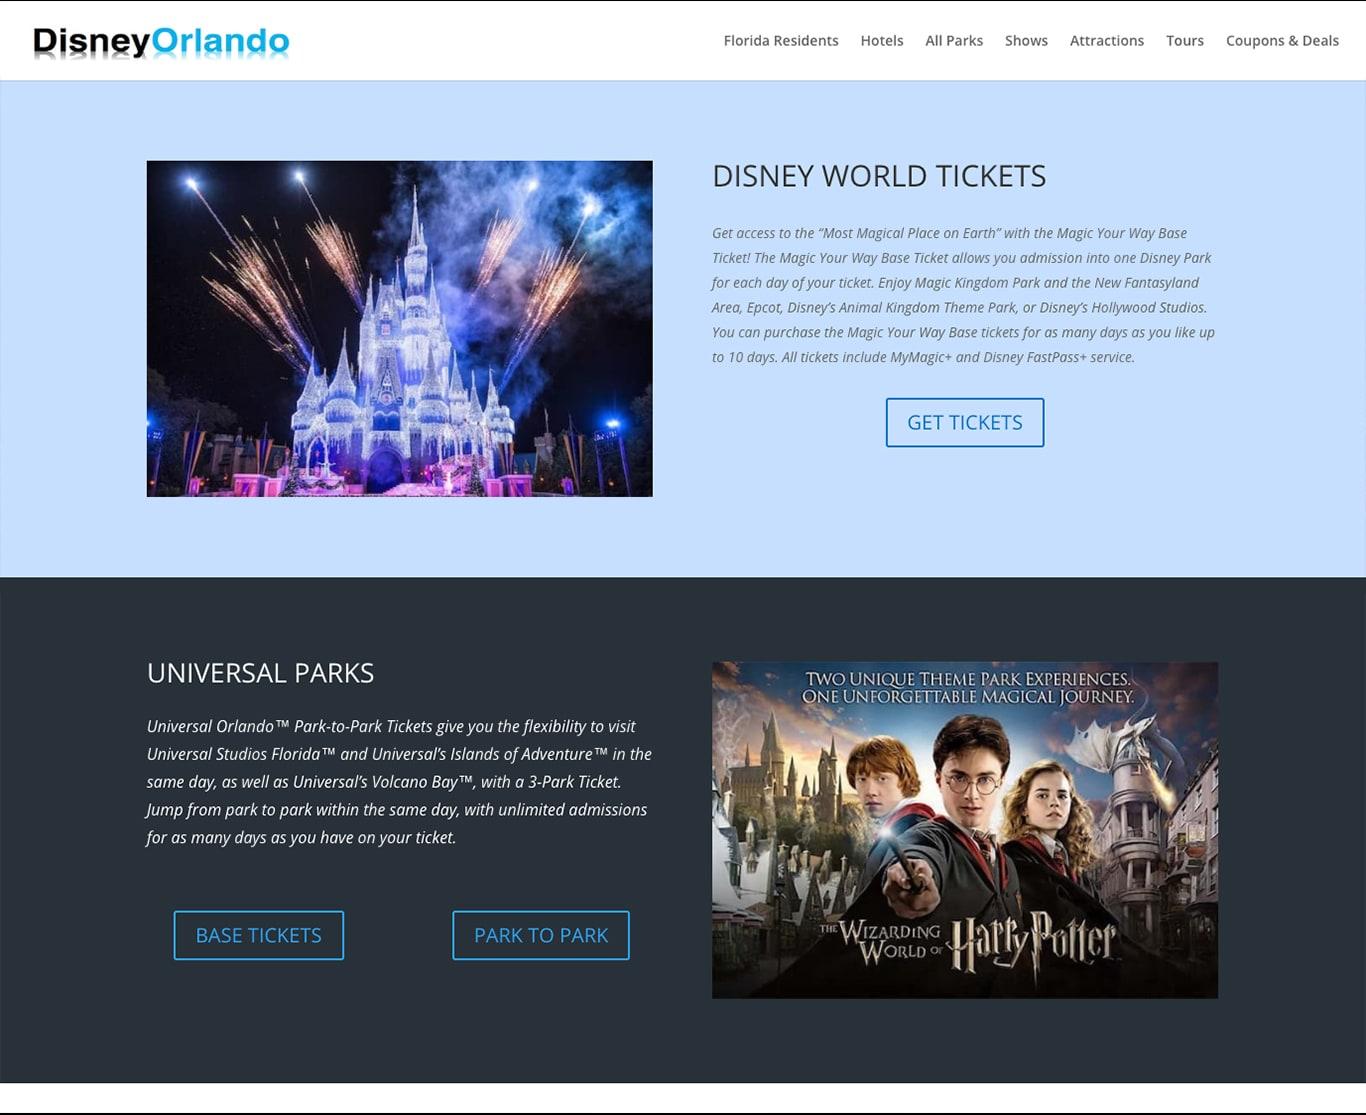 SEO продвижение сайтов в США-portfolio-seo-services-seotoptop.com-disney